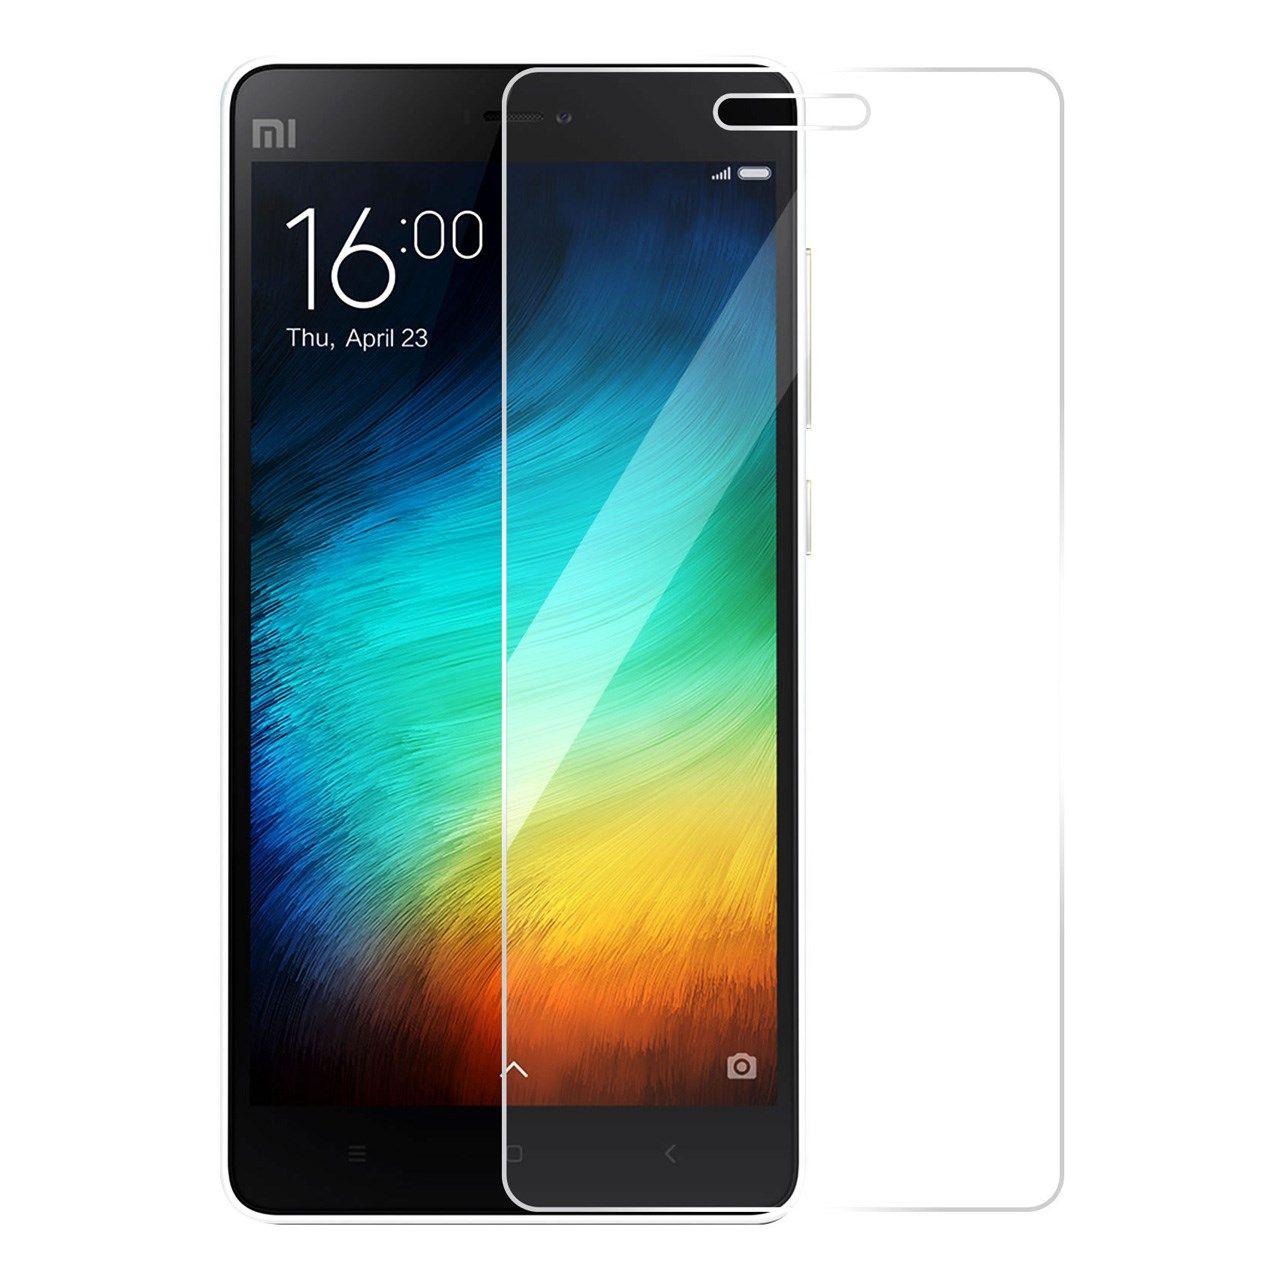 محافظ صفحه نمایش شیشه ای تمپرد مناسب برای گوشی موبایل شیاومی Mi 4i